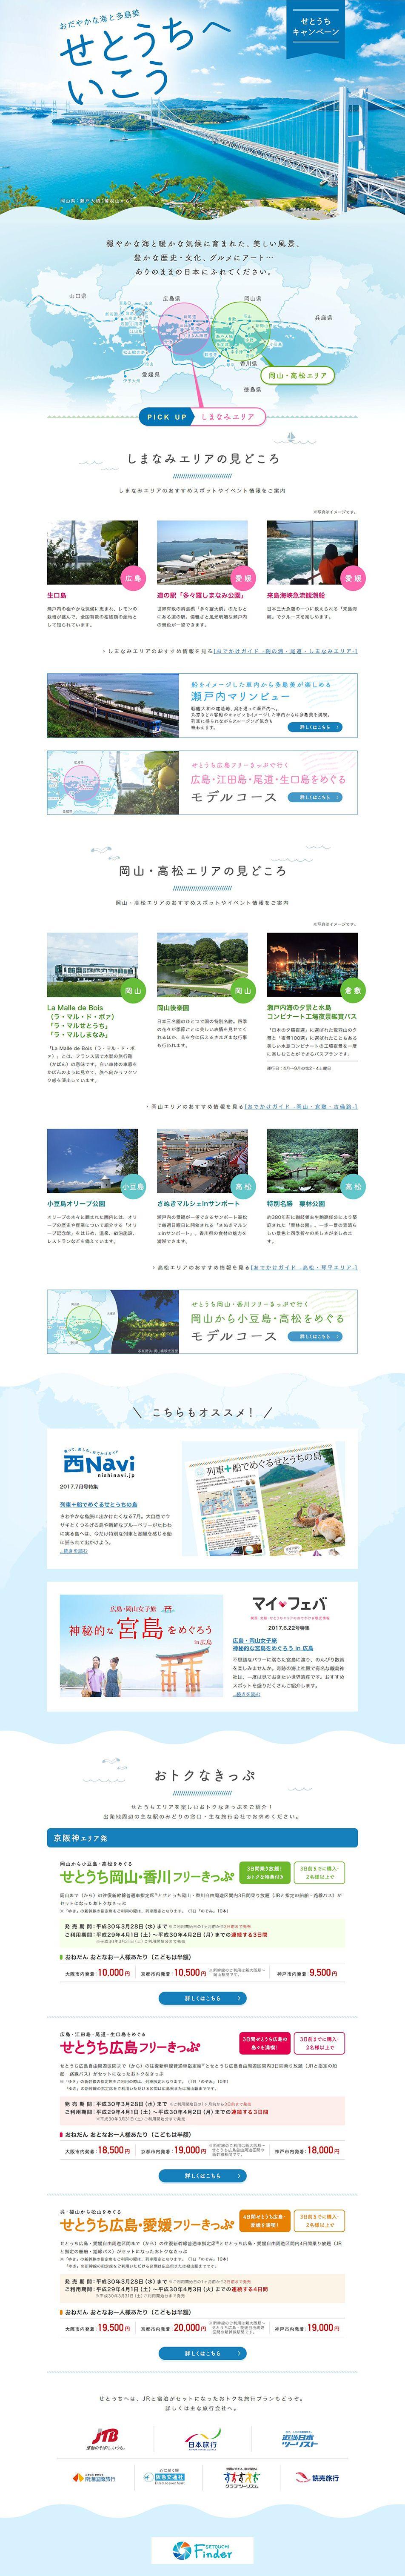 せとうちキャンペーン:JRおでかけネット|WEBデザイナーさん必見!ランディングページのデザイン参考に(キレイ系)